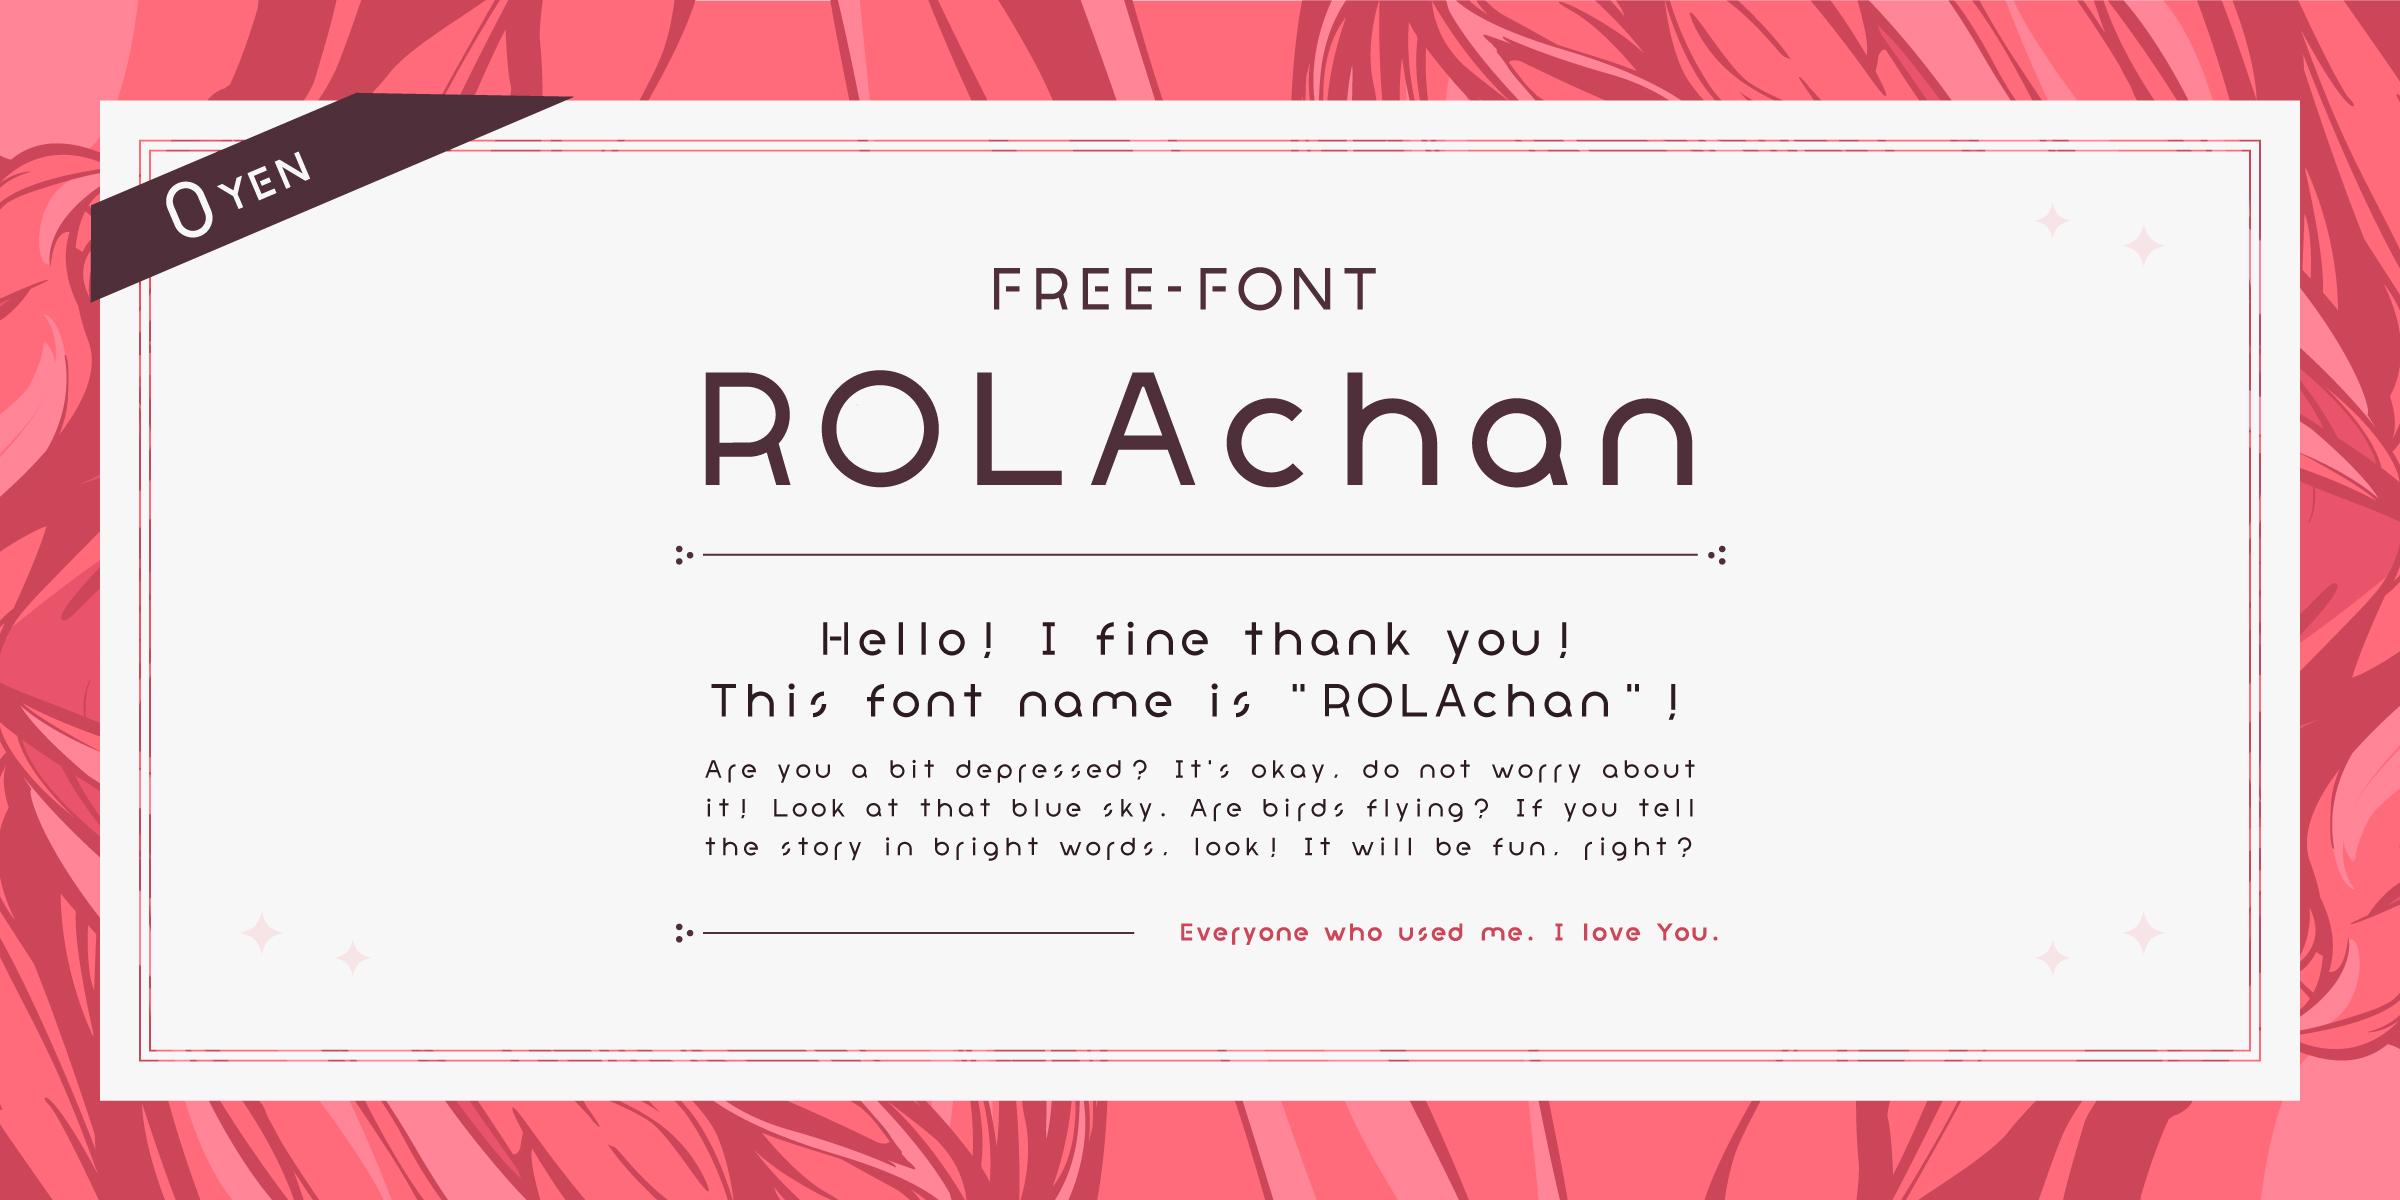 フリーフォントROLAchan(ローラちゃん)販売サイト